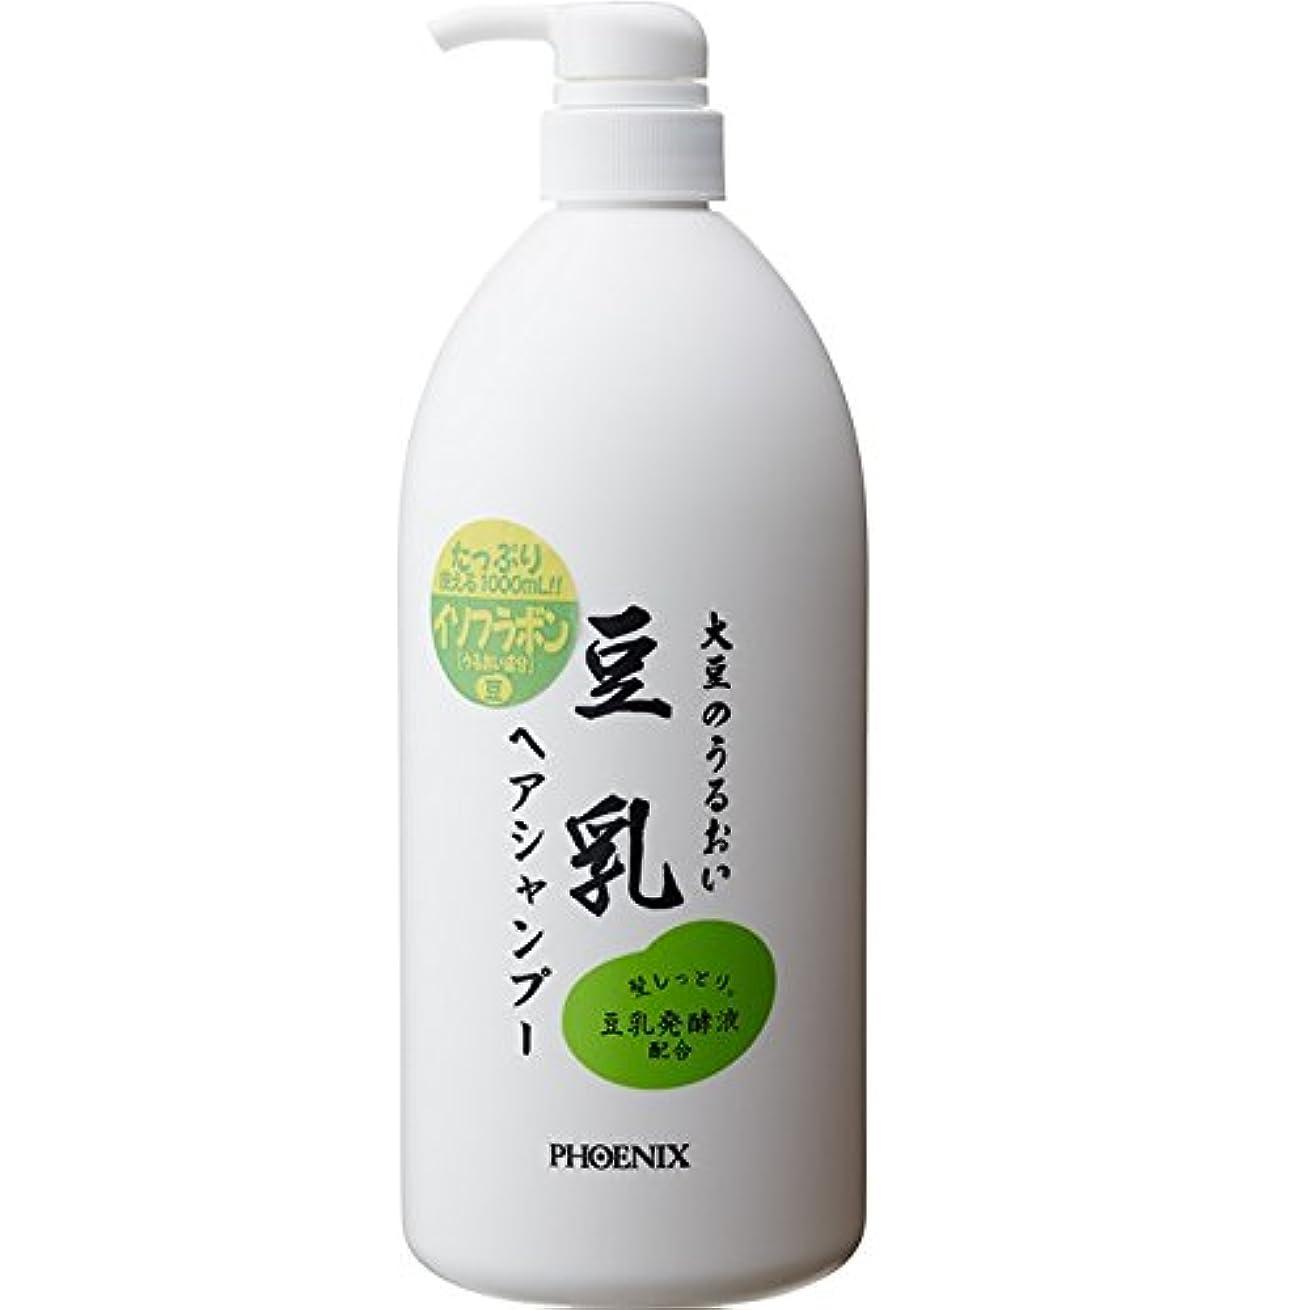 ビルマ三角形一生【ケース販売】豆乳ヘアシャンプー 1L×10本